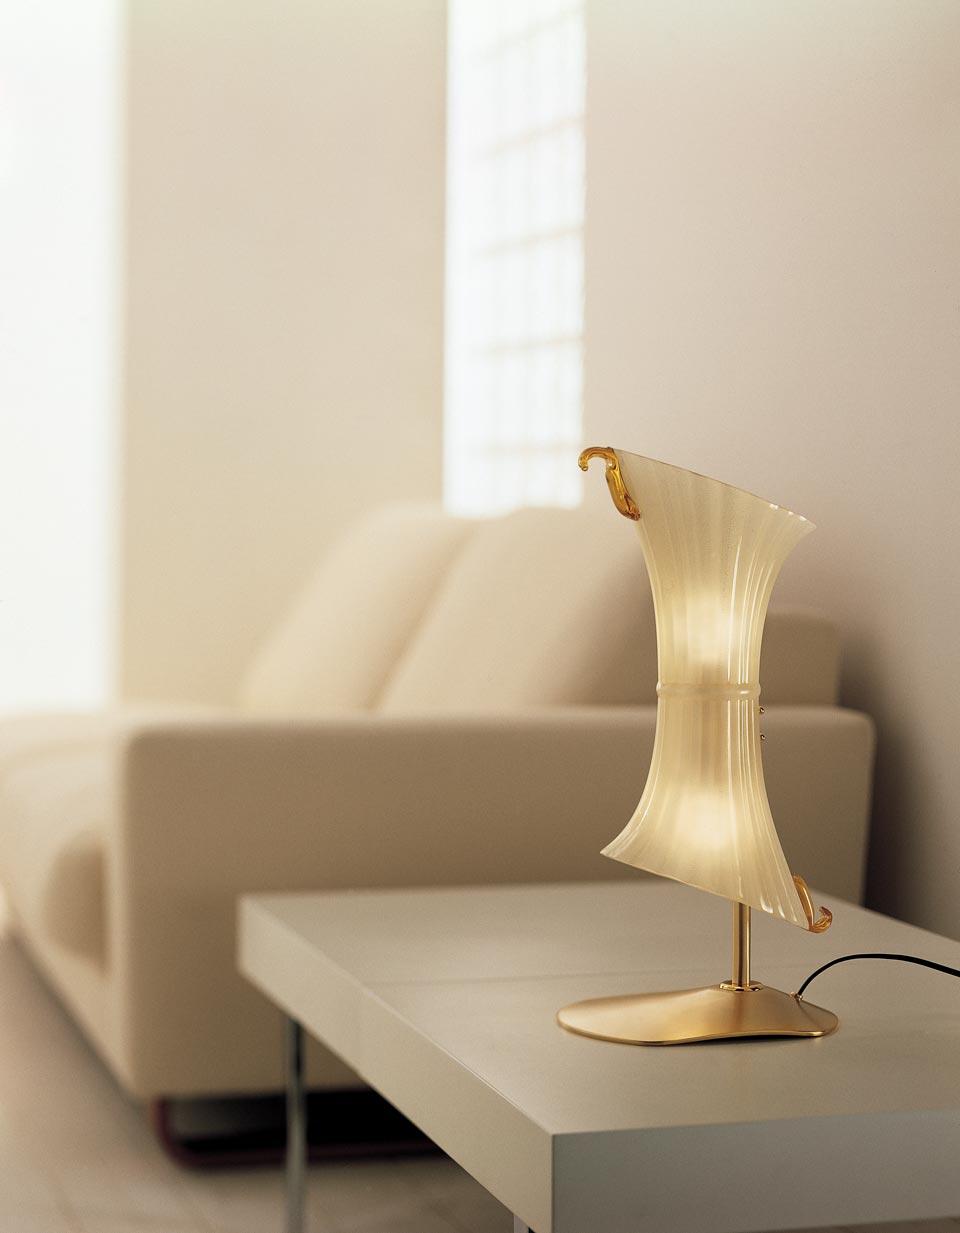 Lampe de table Laguna en verre Rigadin ambre incrusté de paillettes d